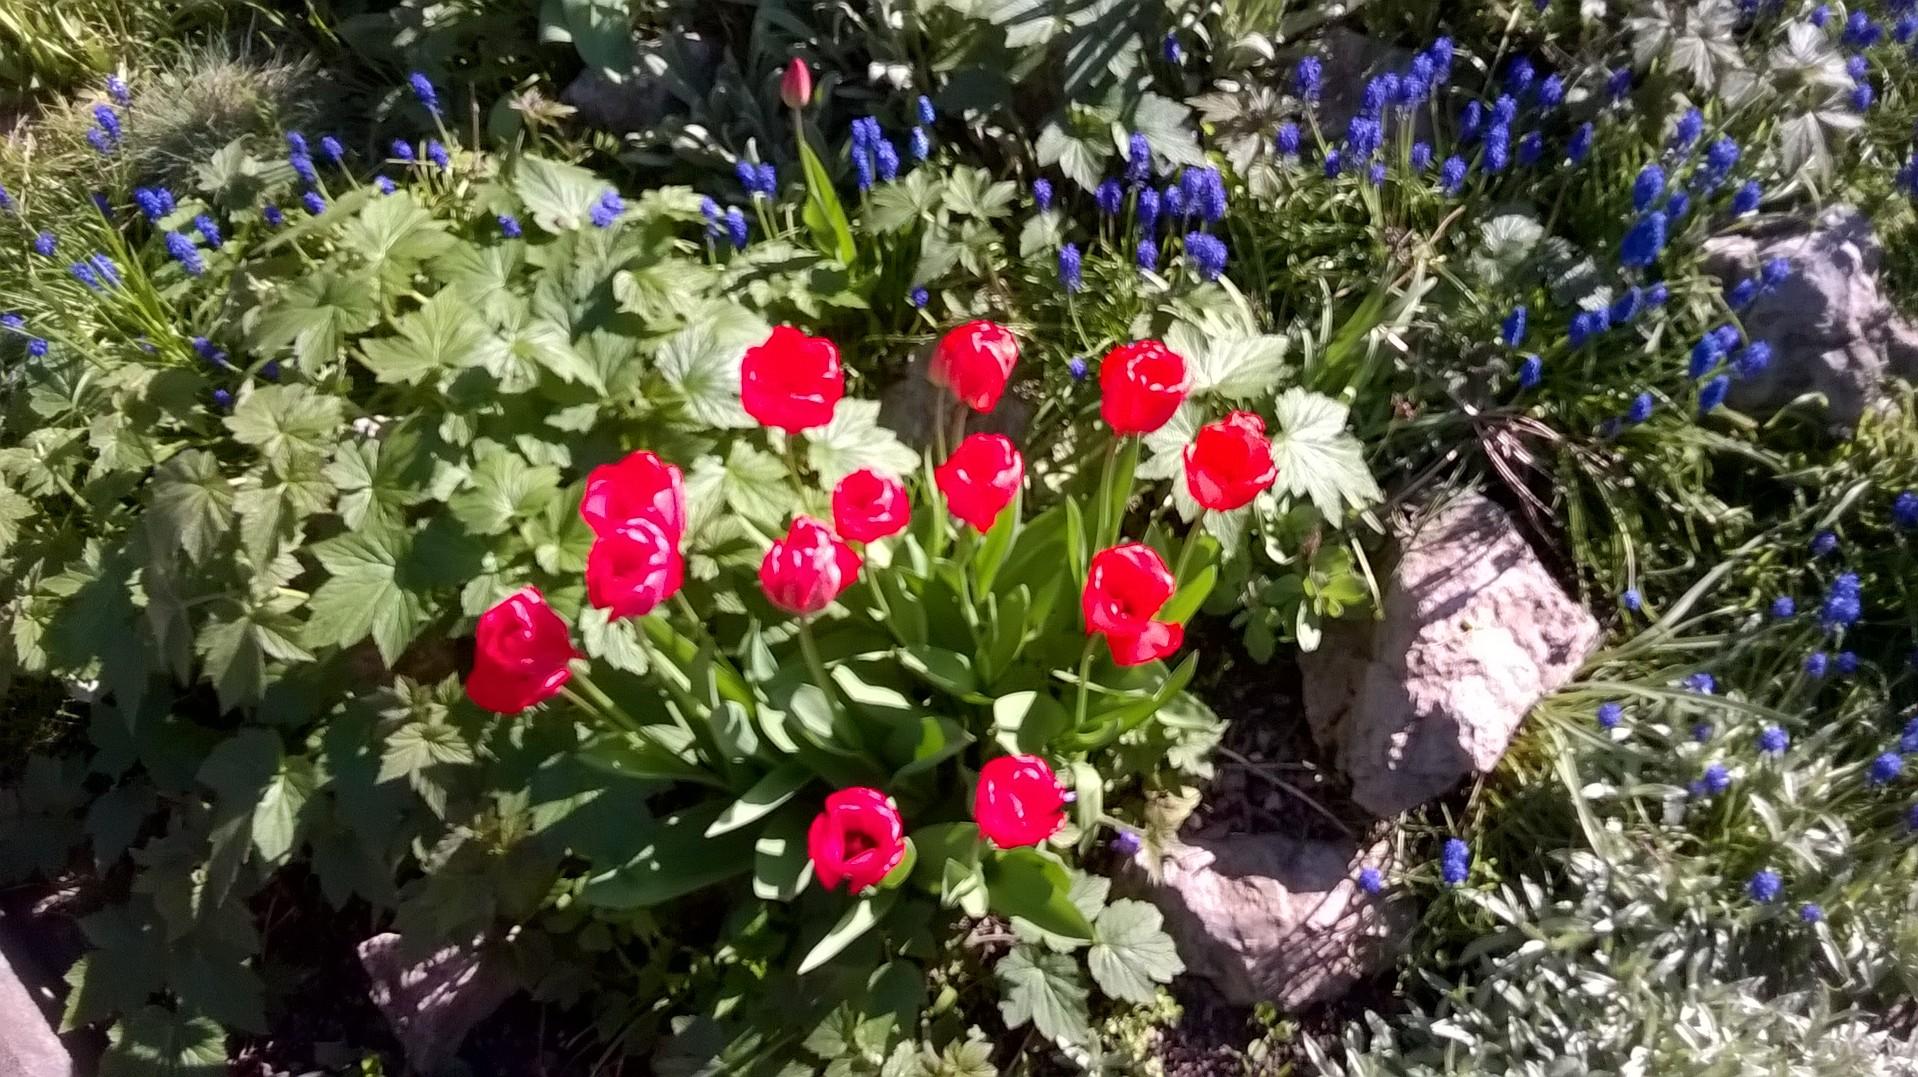 tulipany nebo vlci maky?